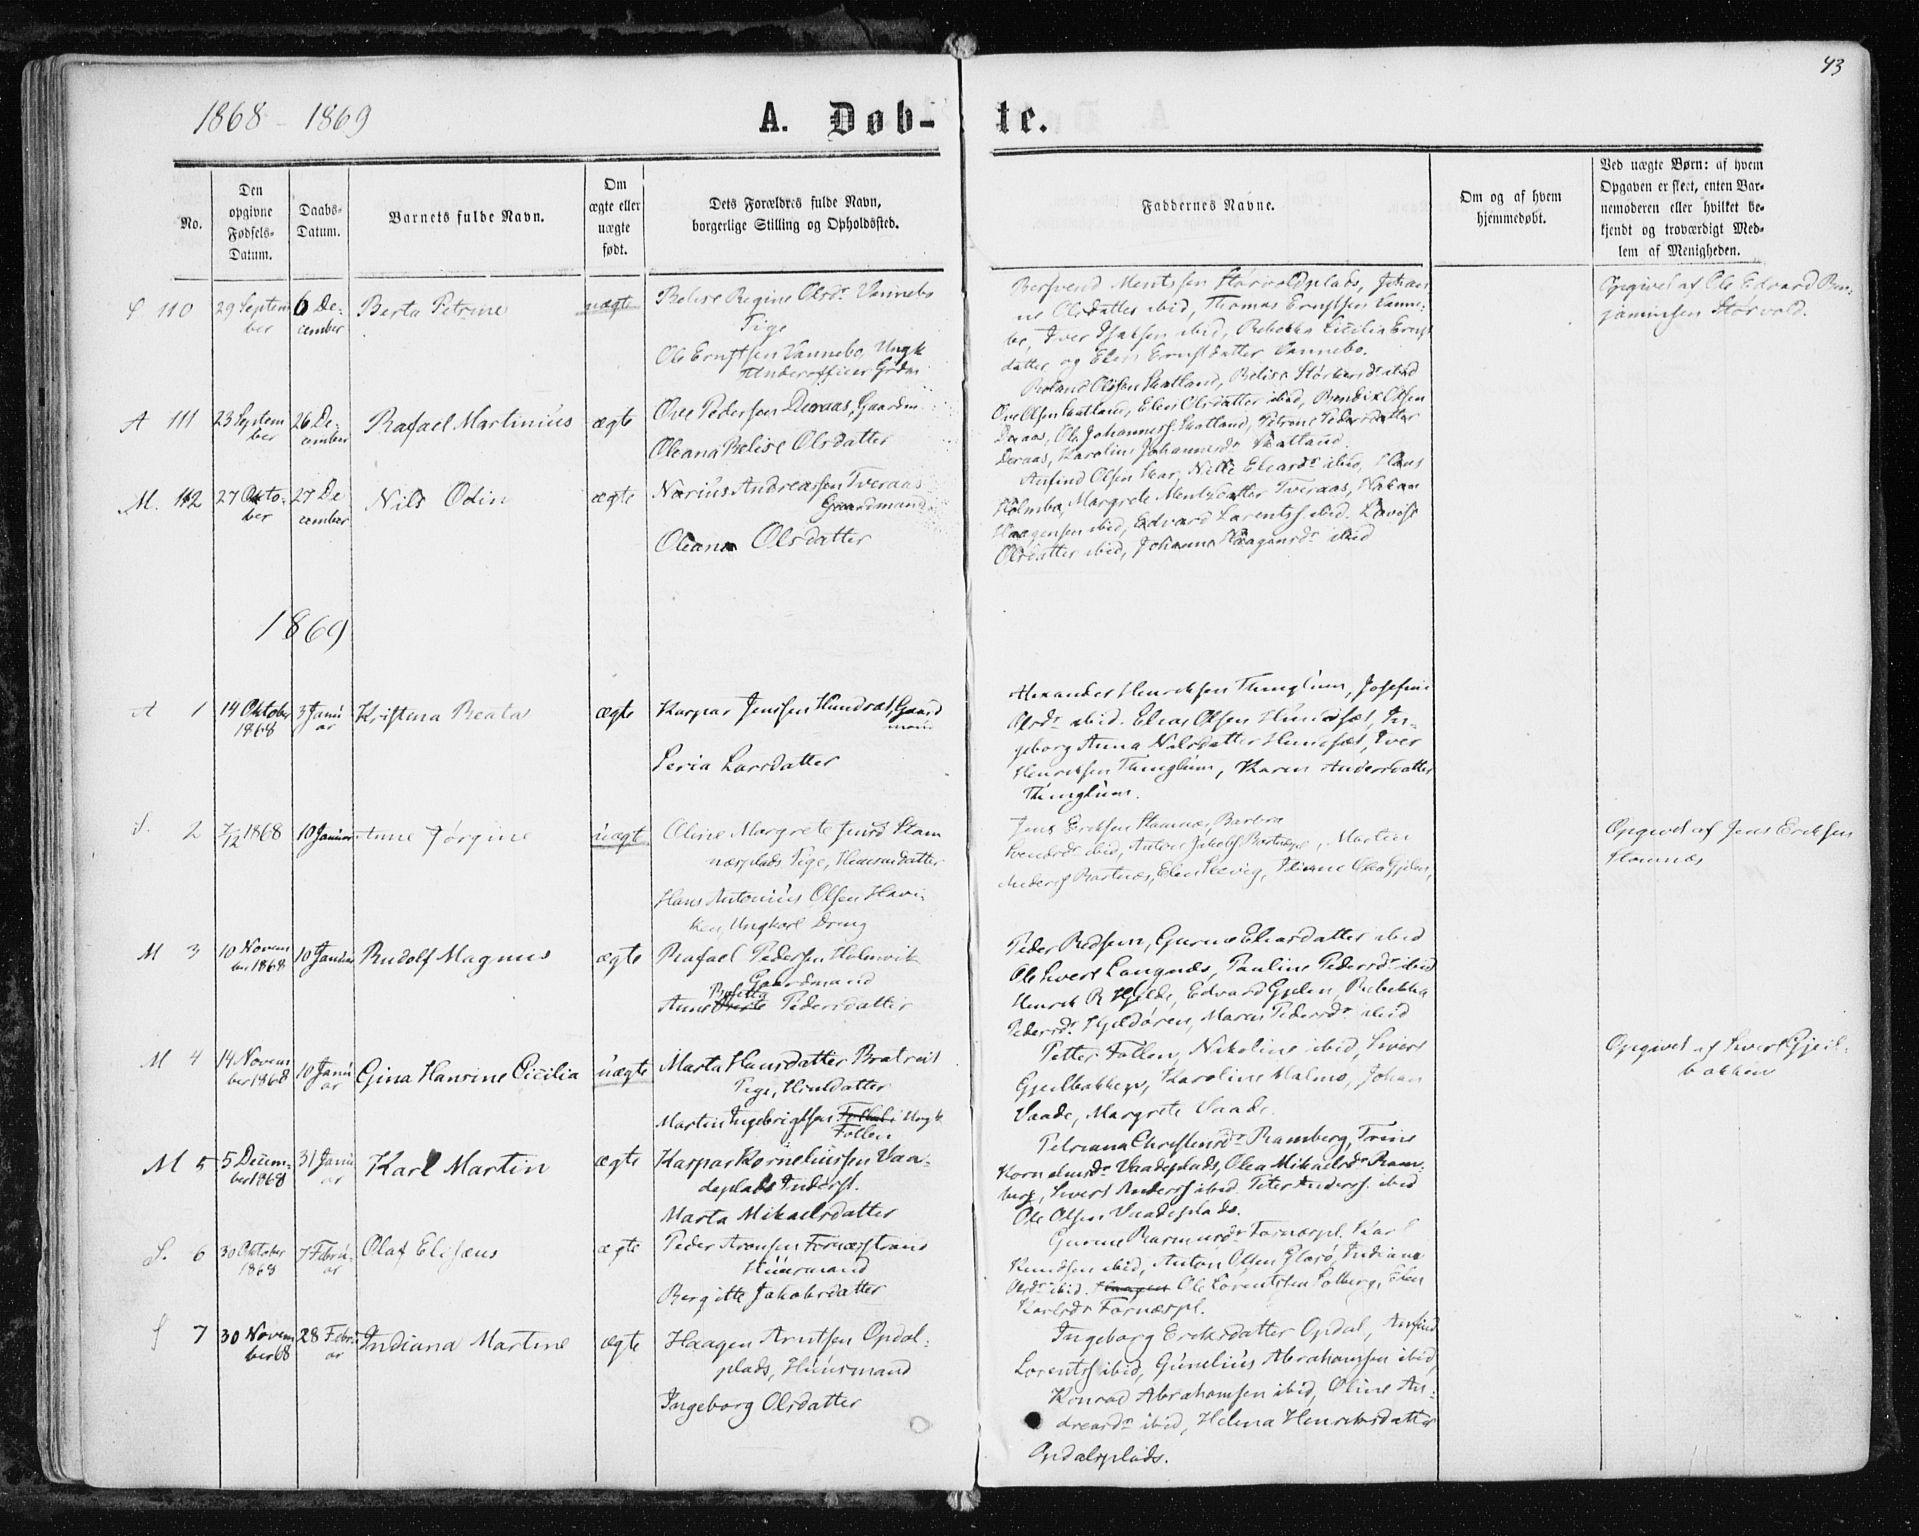 SAT, Ministerialprotokoller, klokkerbøker og fødselsregistre - Nord-Trøndelag, 741/L0394: Ministerialbok nr. 741A08, 1864-1877, s. 43